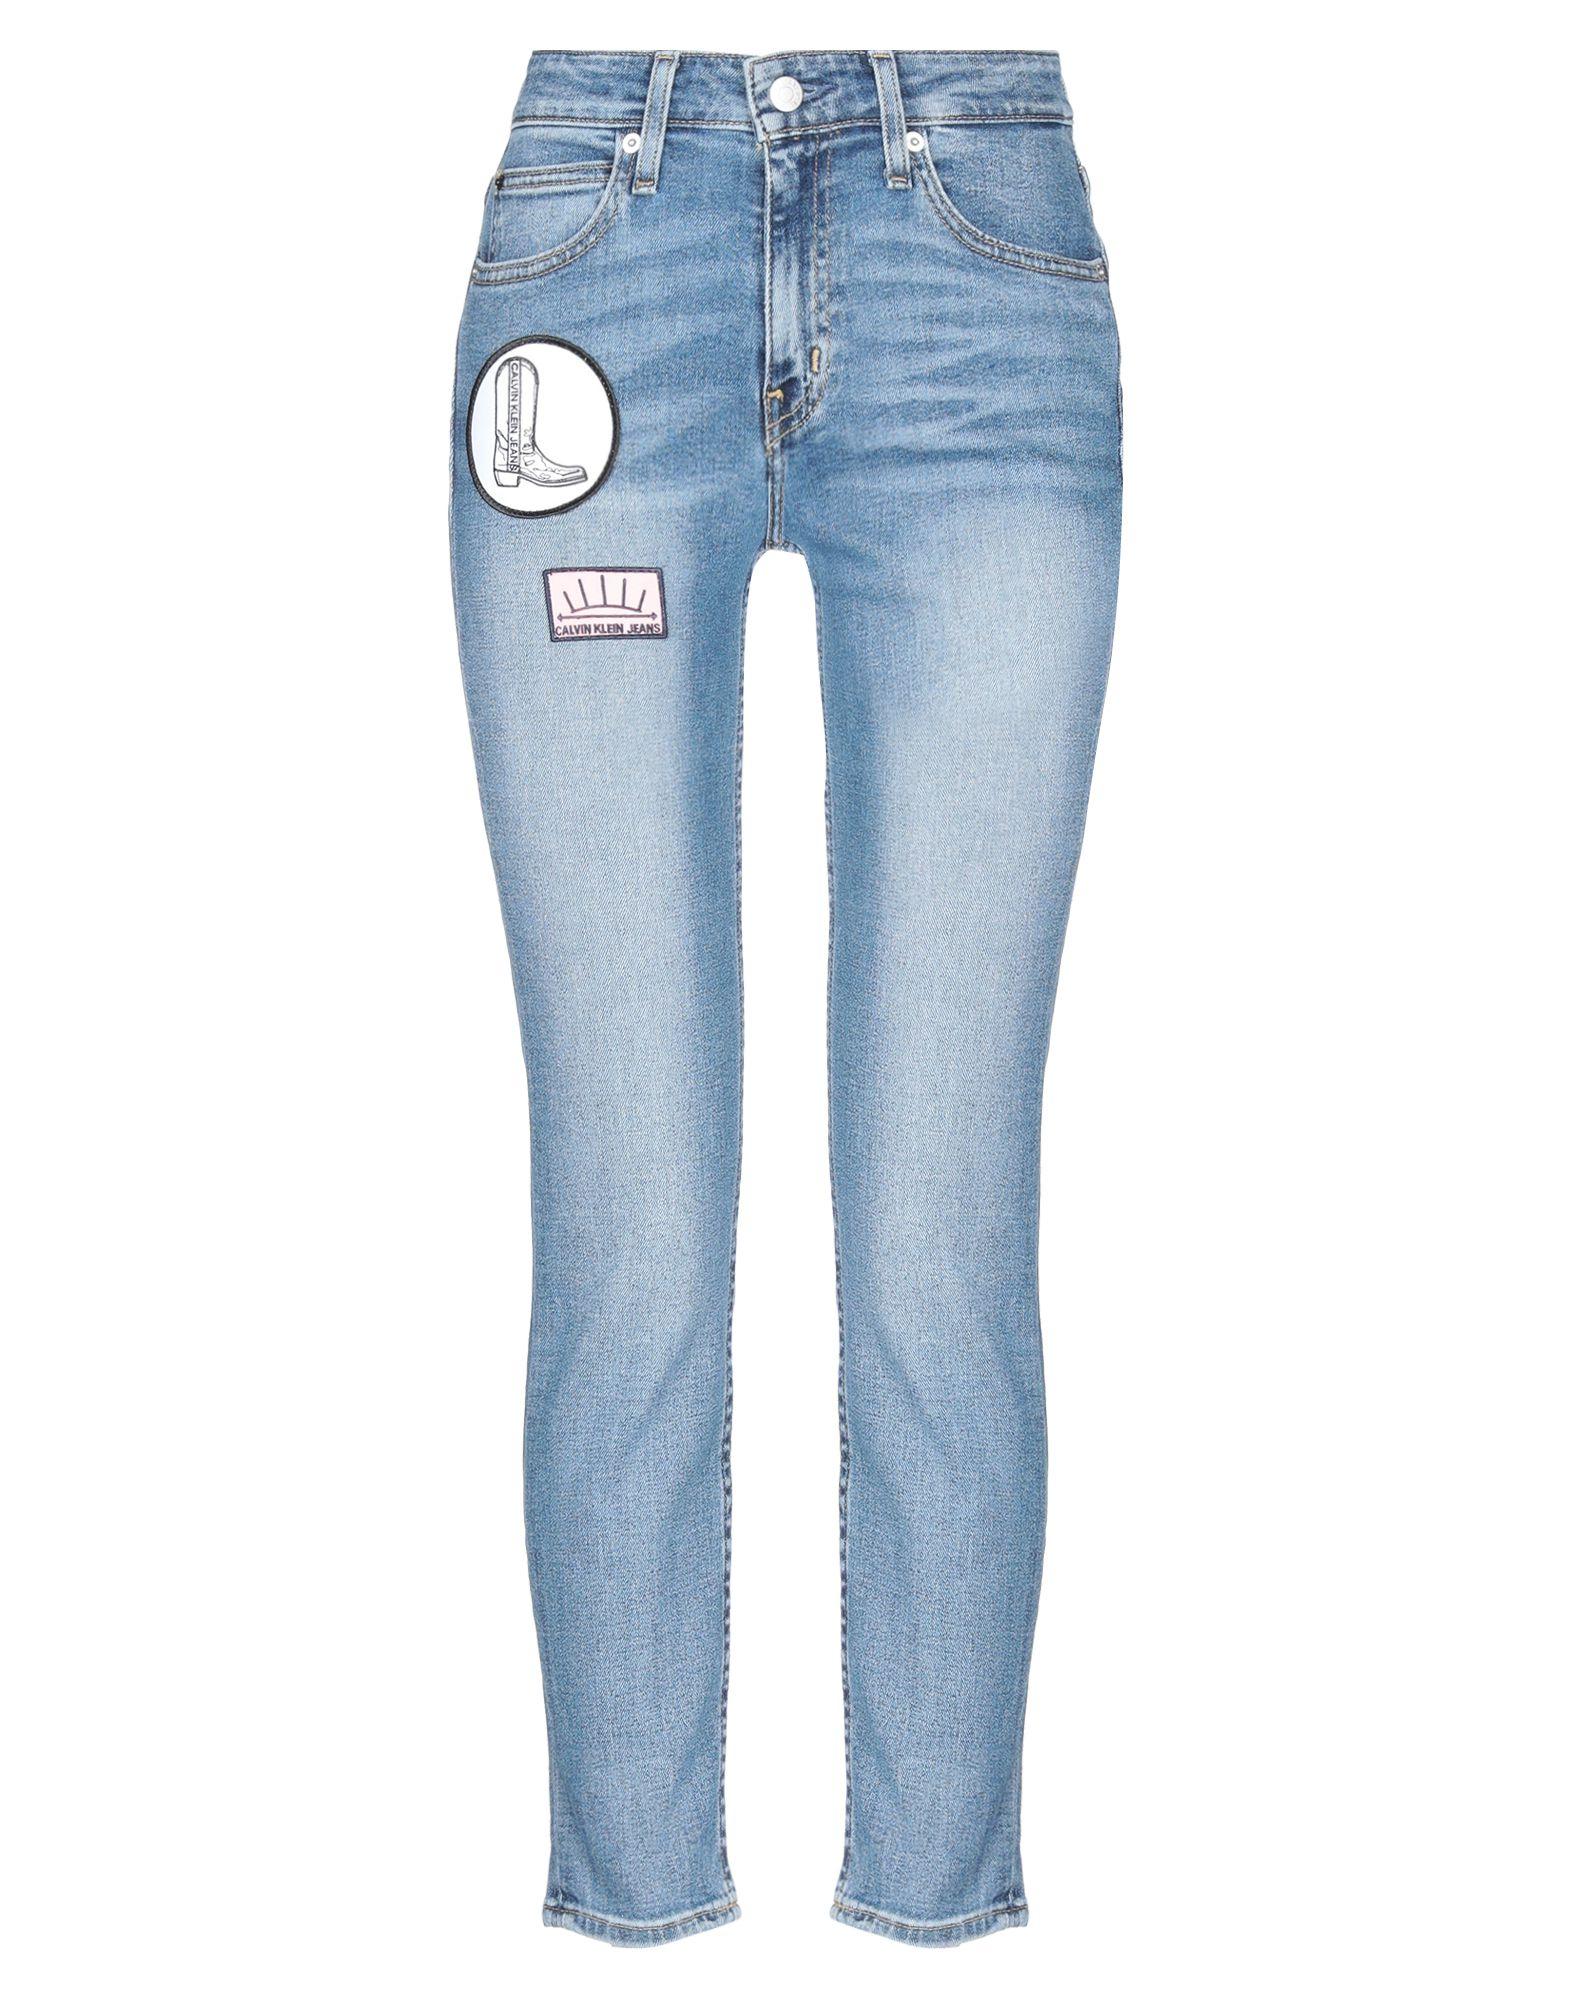 джемпер женский calvin klein jeans цвет серый j20j208528 0390 размер xs 40 42 CALVIN KLEIN JEANS Джинсовые брюки